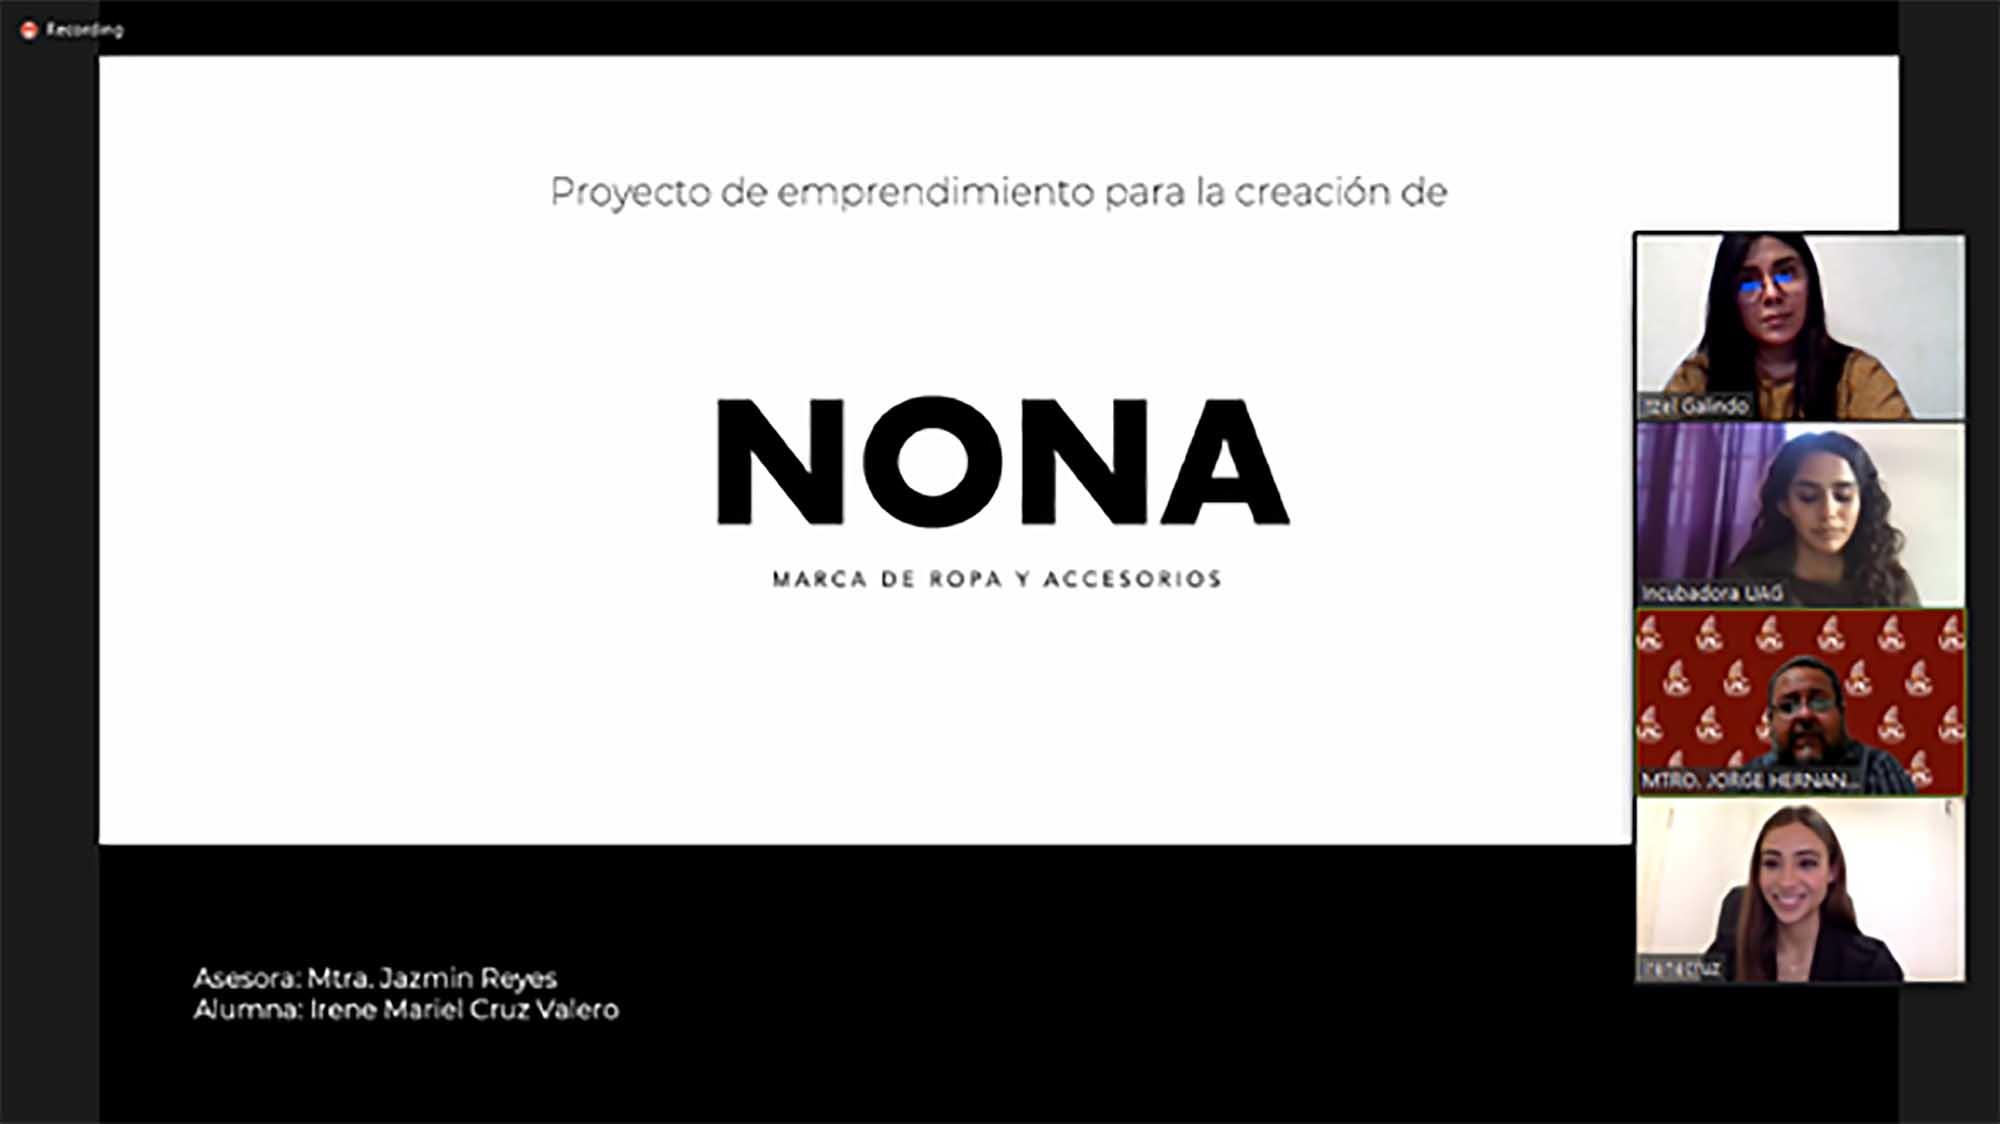 Titulación proyectos 201020